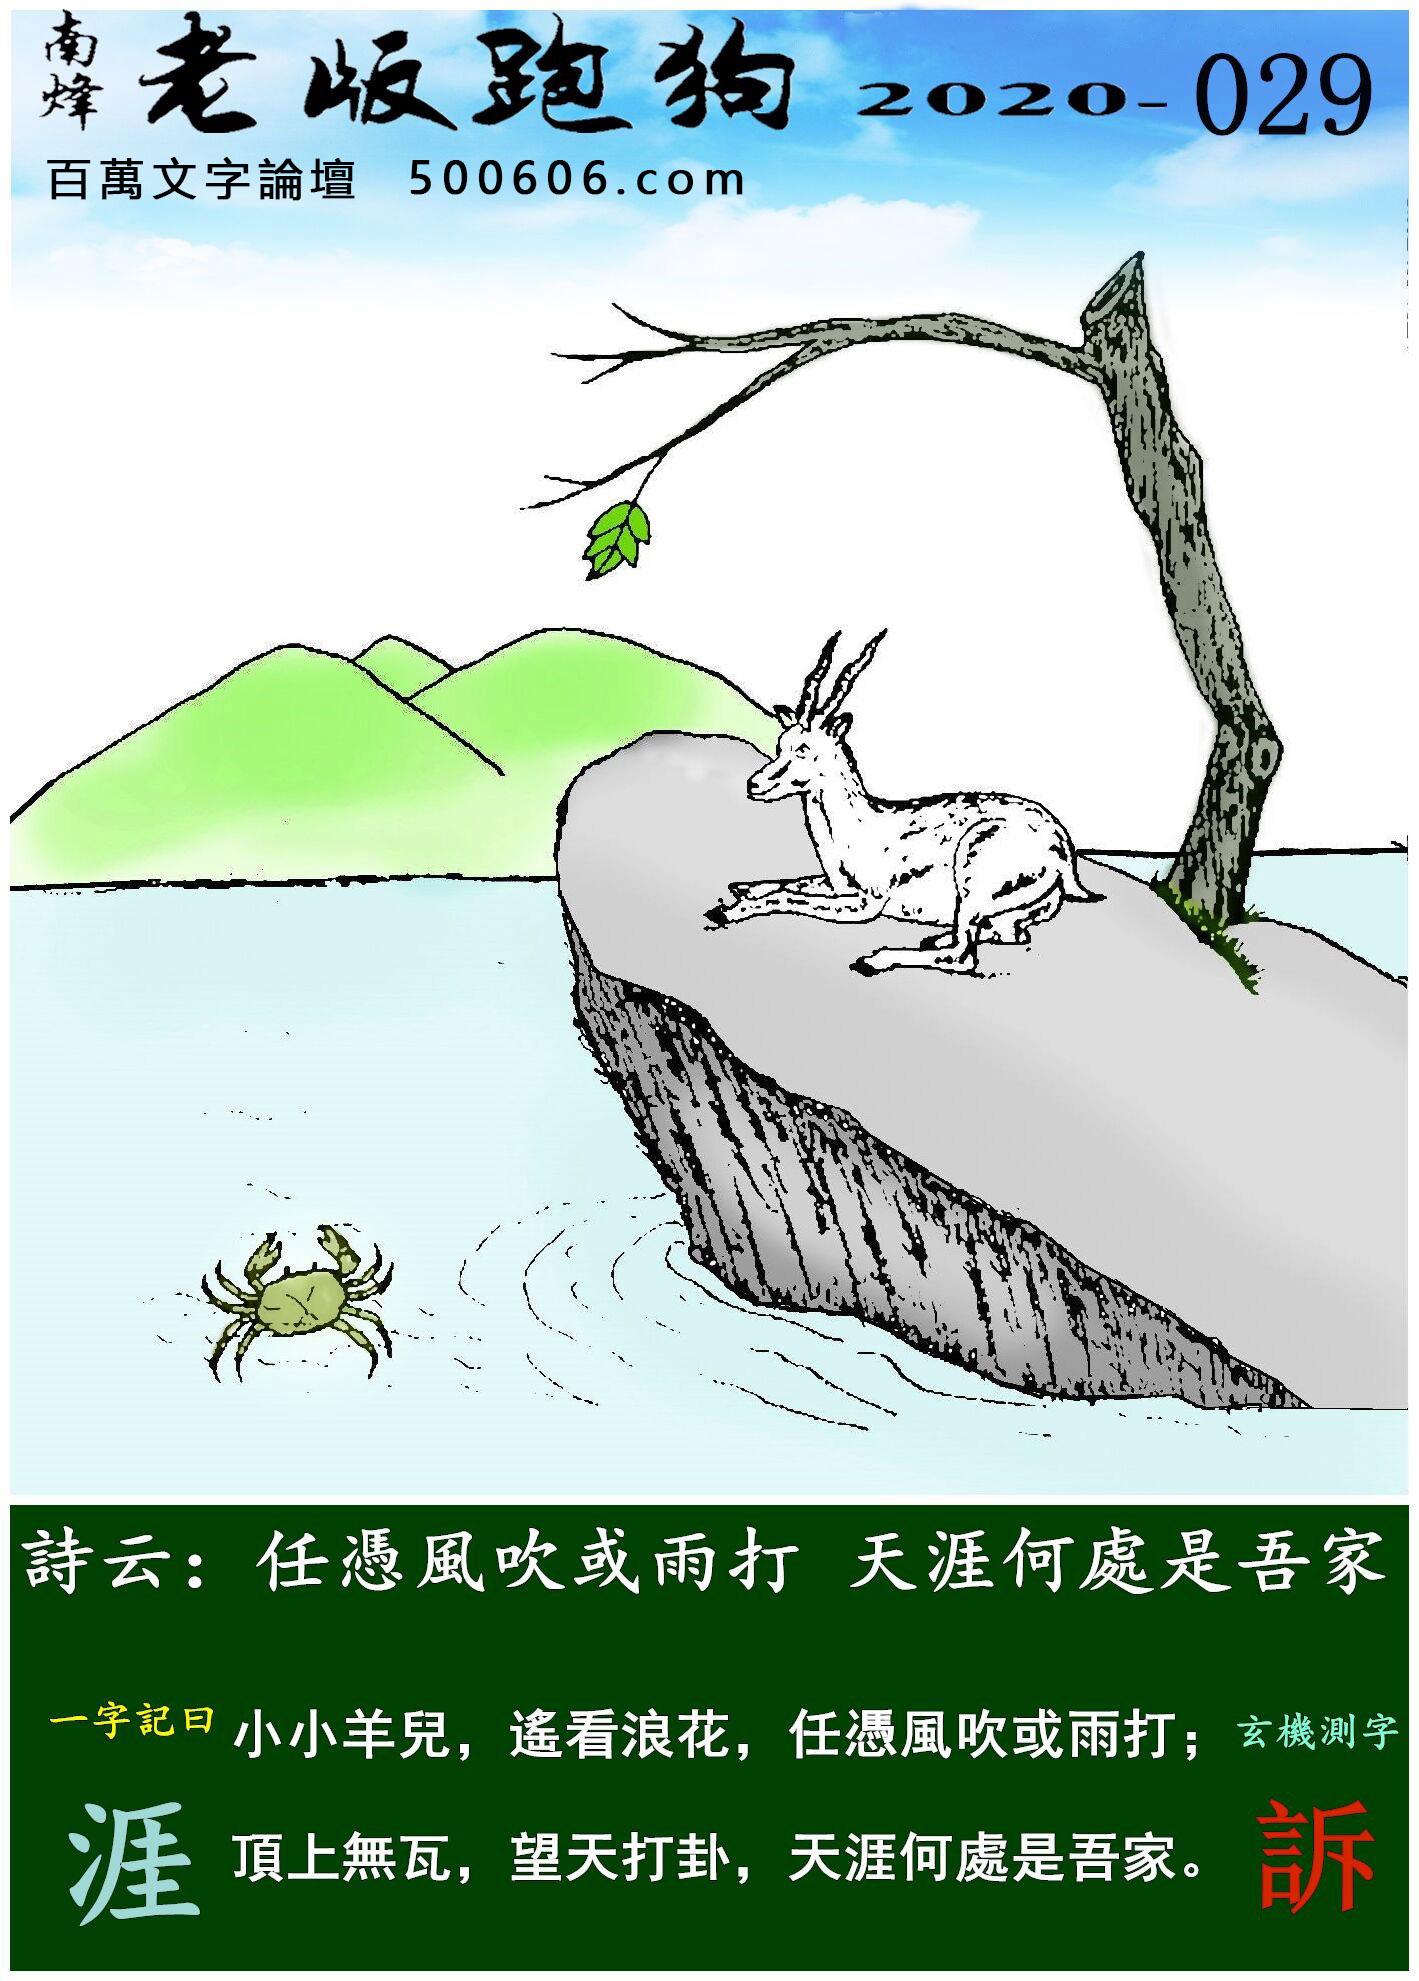 029期老版跑狗一字�之曰:【涯】_��:任�{�L吹或雨打,天涯何�是吾家。